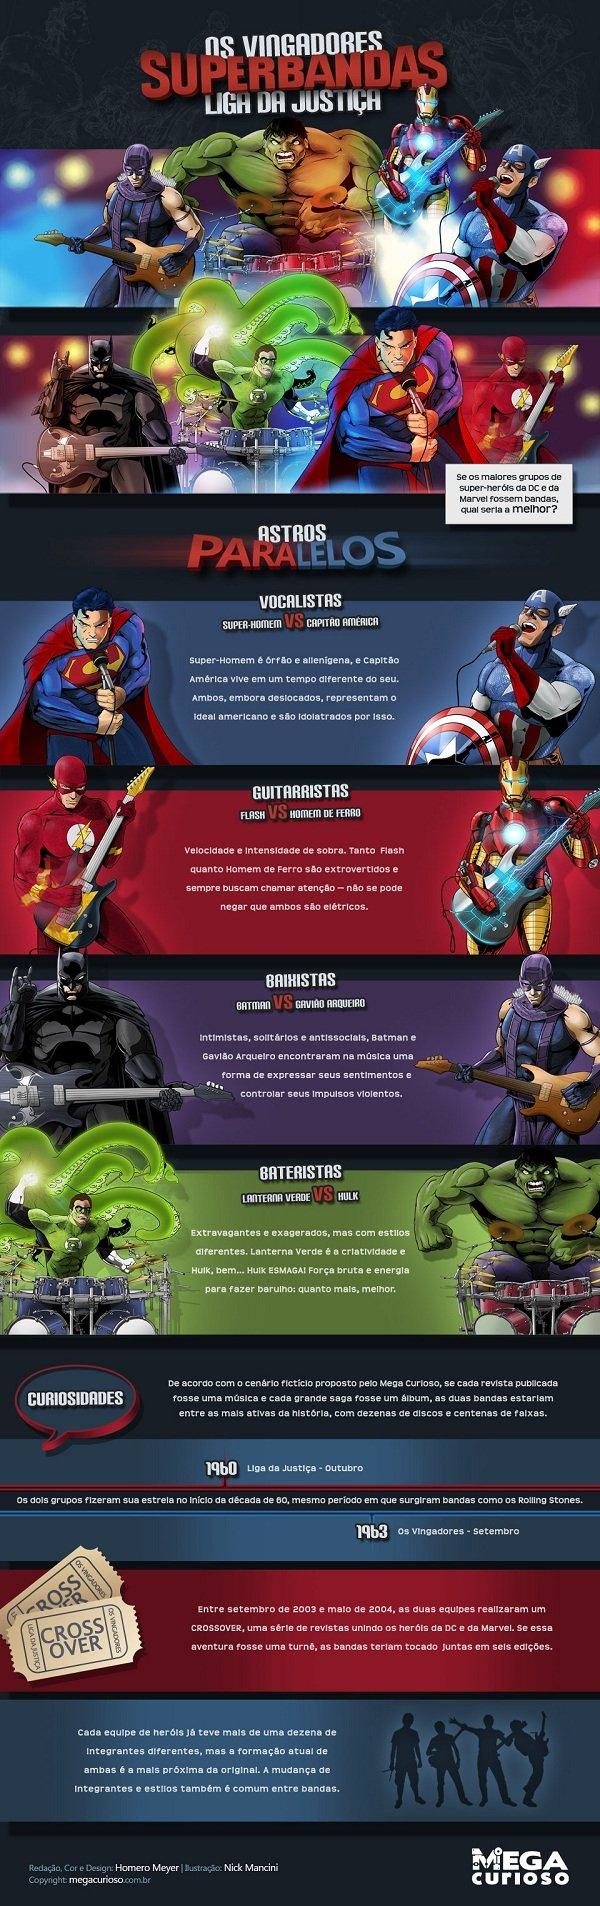 Superbandas - Os Vingadores x Liga da Justiça